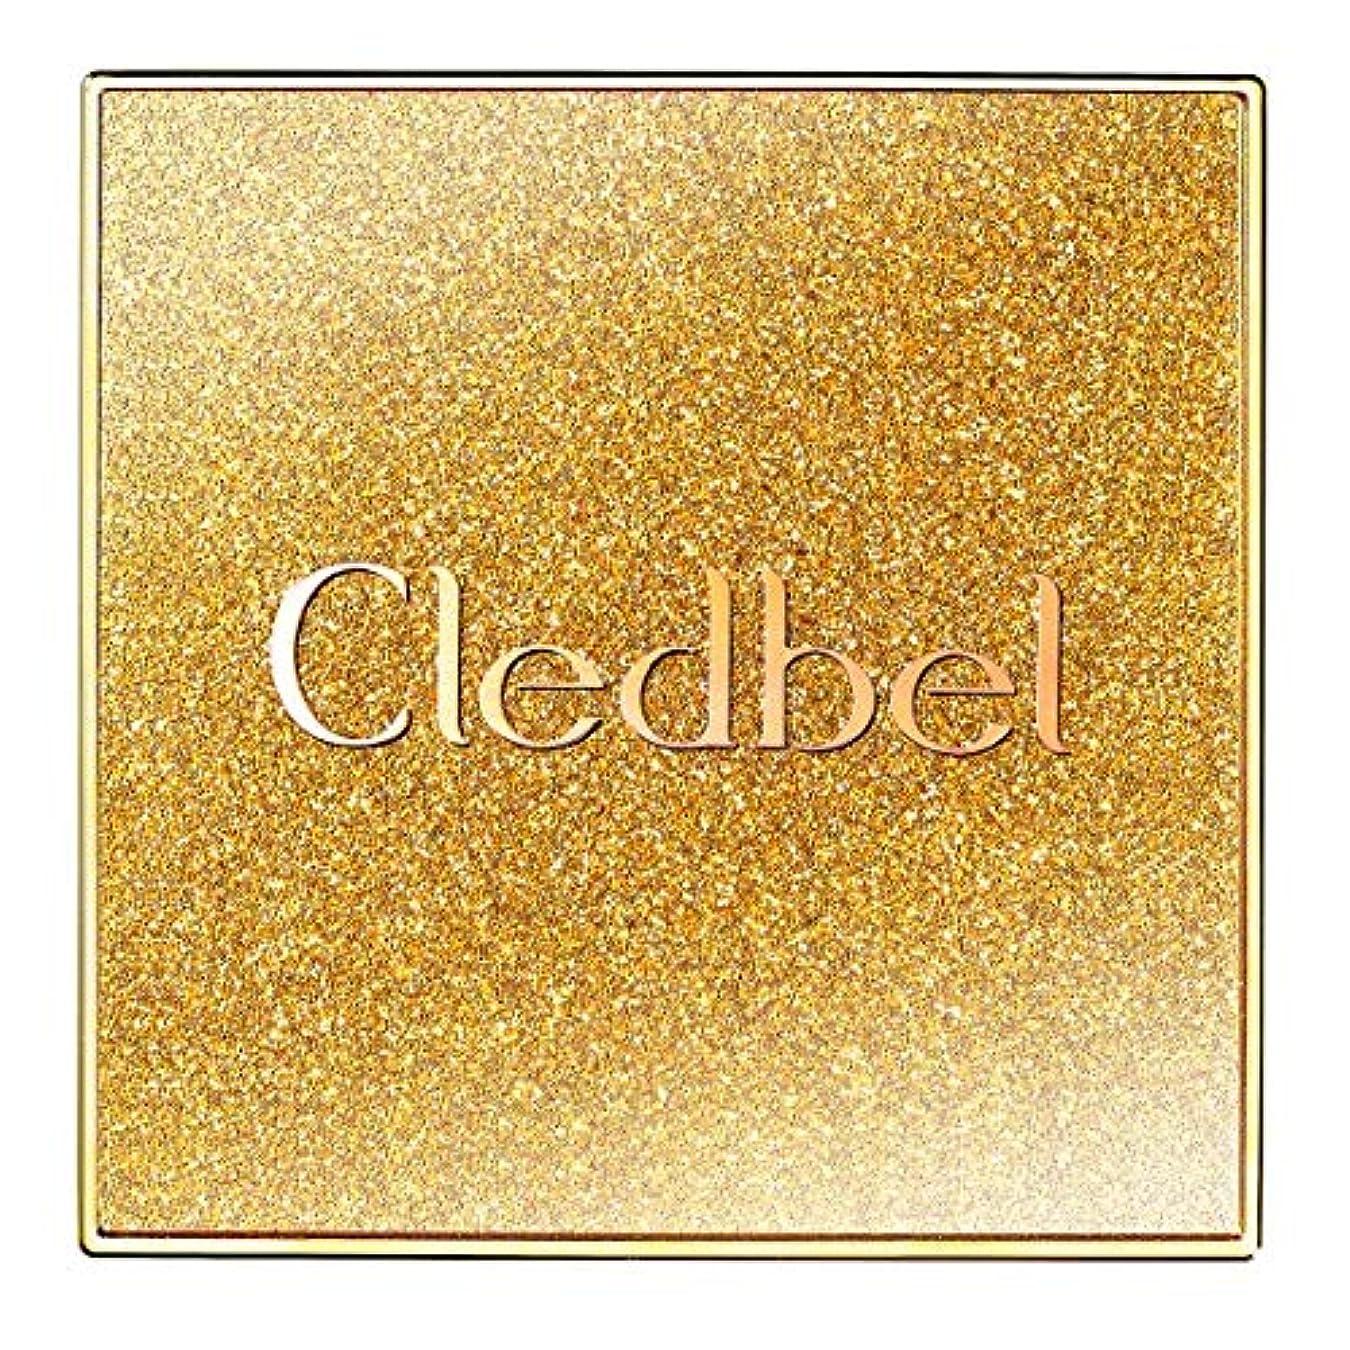 求人奇跡的な音楽[Cledbel] Miracle Power Lift V Cushion SPF50+ PA+++ GOLD EDITION/クレッドベルミラクルリフトV クッション [並行輸入品]